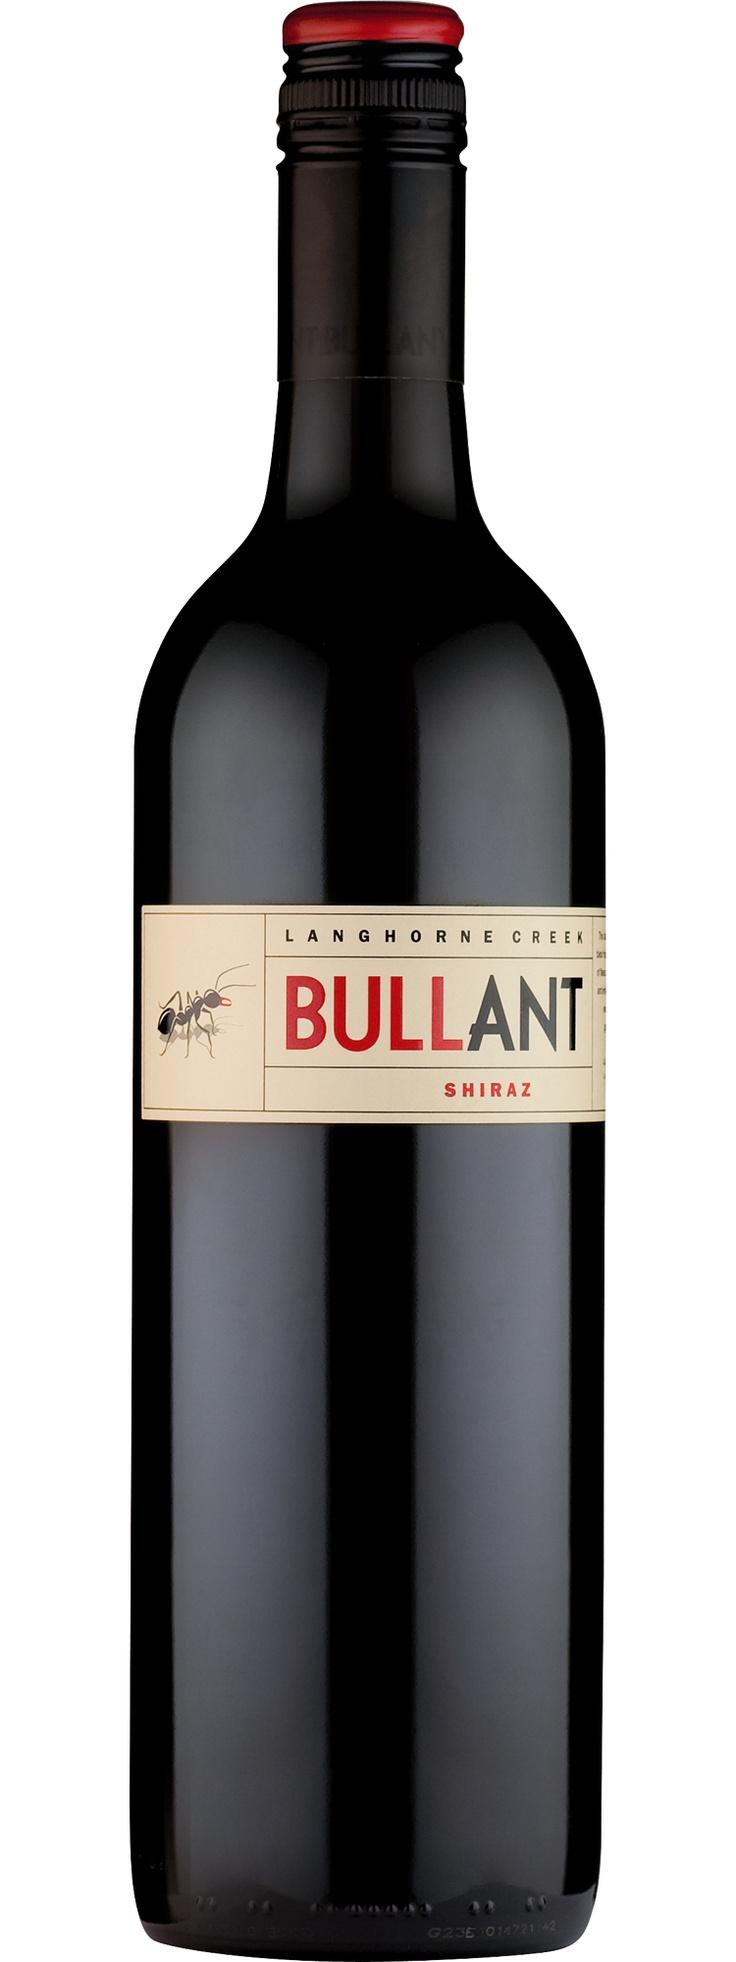 Bullant Shiraz | Dan Murphy's | Buy Wine, Champagne, Beer & Spirits Online